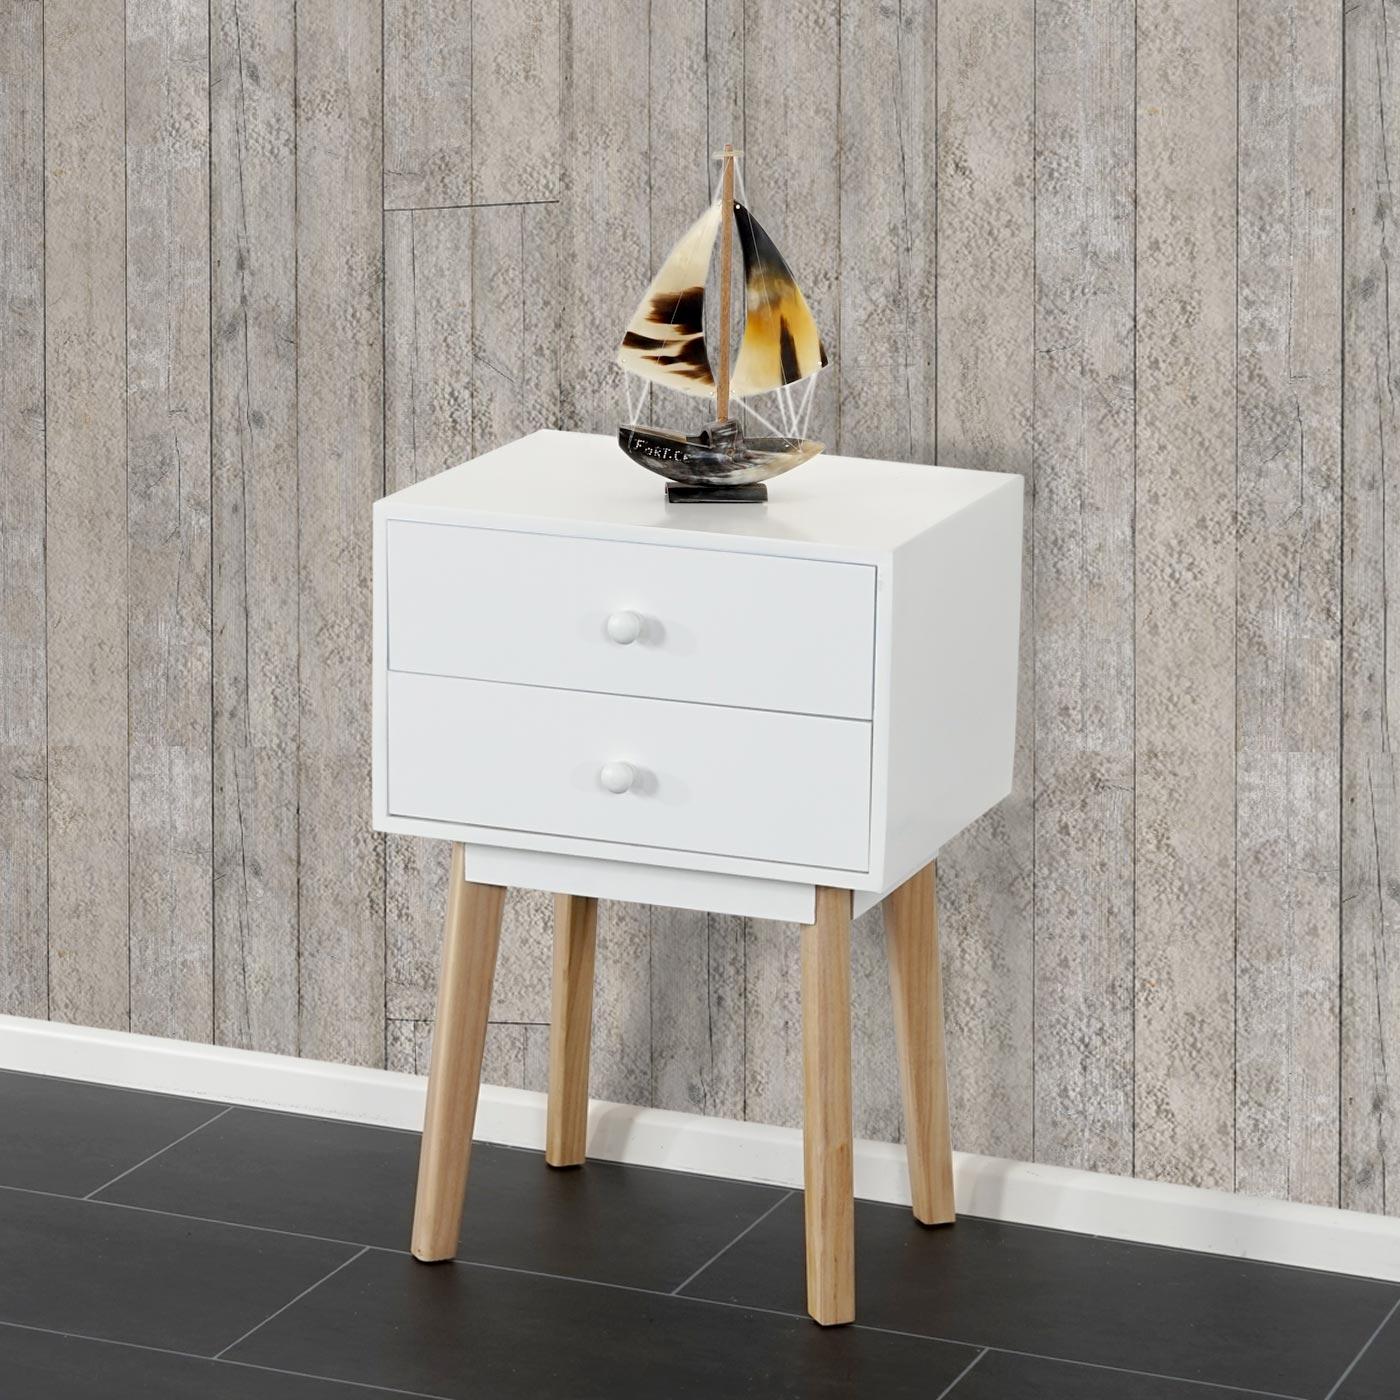 kommode malm t271 beistelltisch nachttisch schrank retro design 59x40x30cm schublade wei. Black Bedroom Furniture Sets. Home Design Ideas